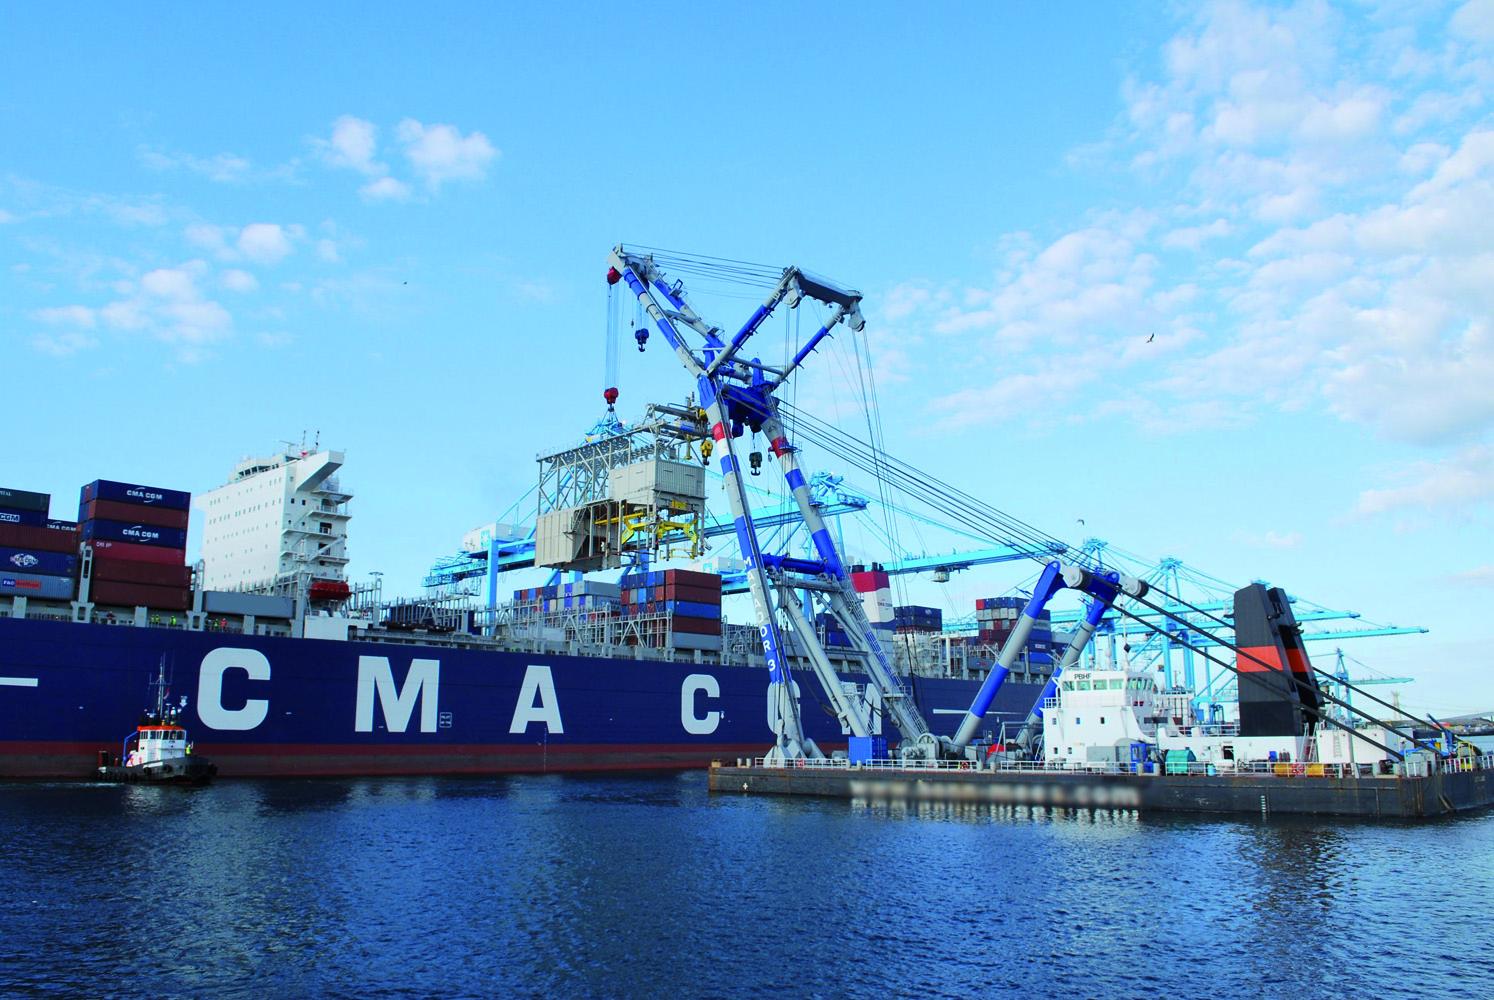 Mega ships get fatter but not much longer, limiting cranes alongside